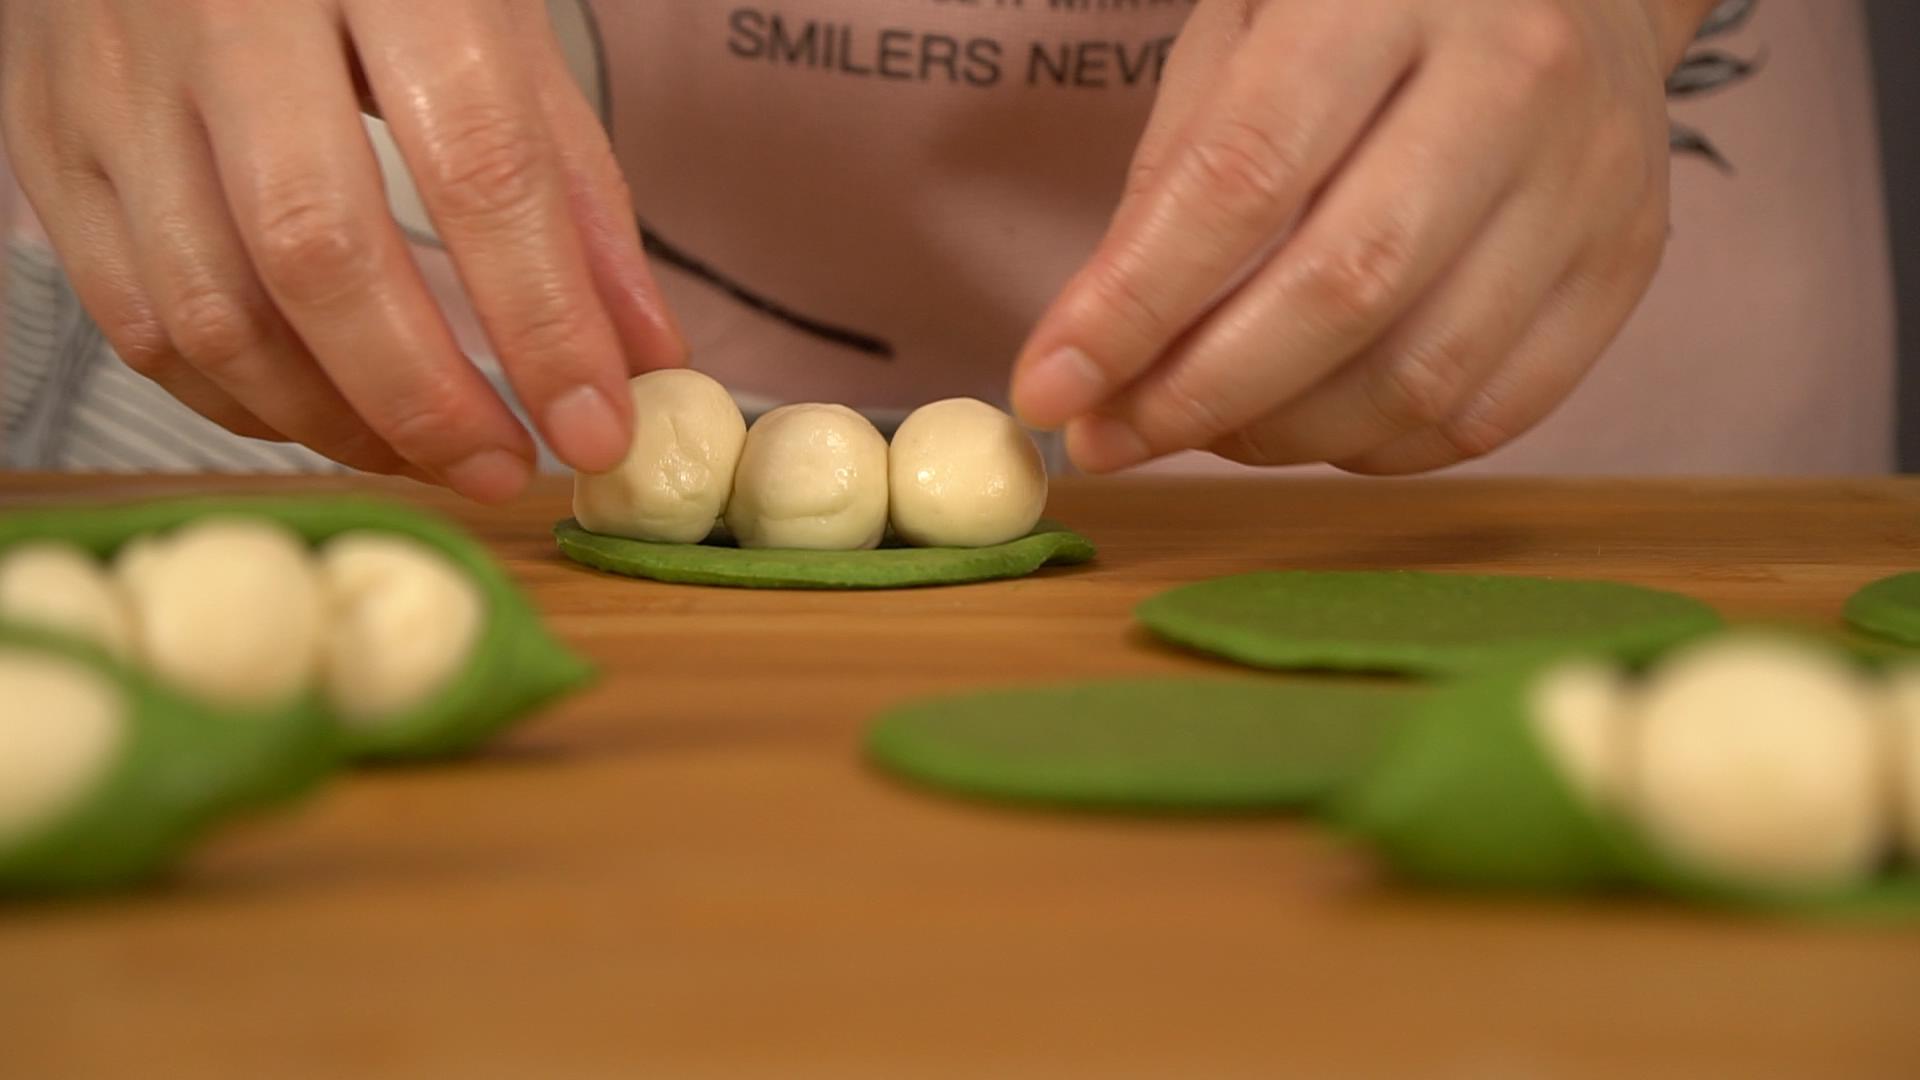 「宝宝食谱」造型可爱的豌豆荚馒头,给宝宝的食物凹个造型吧